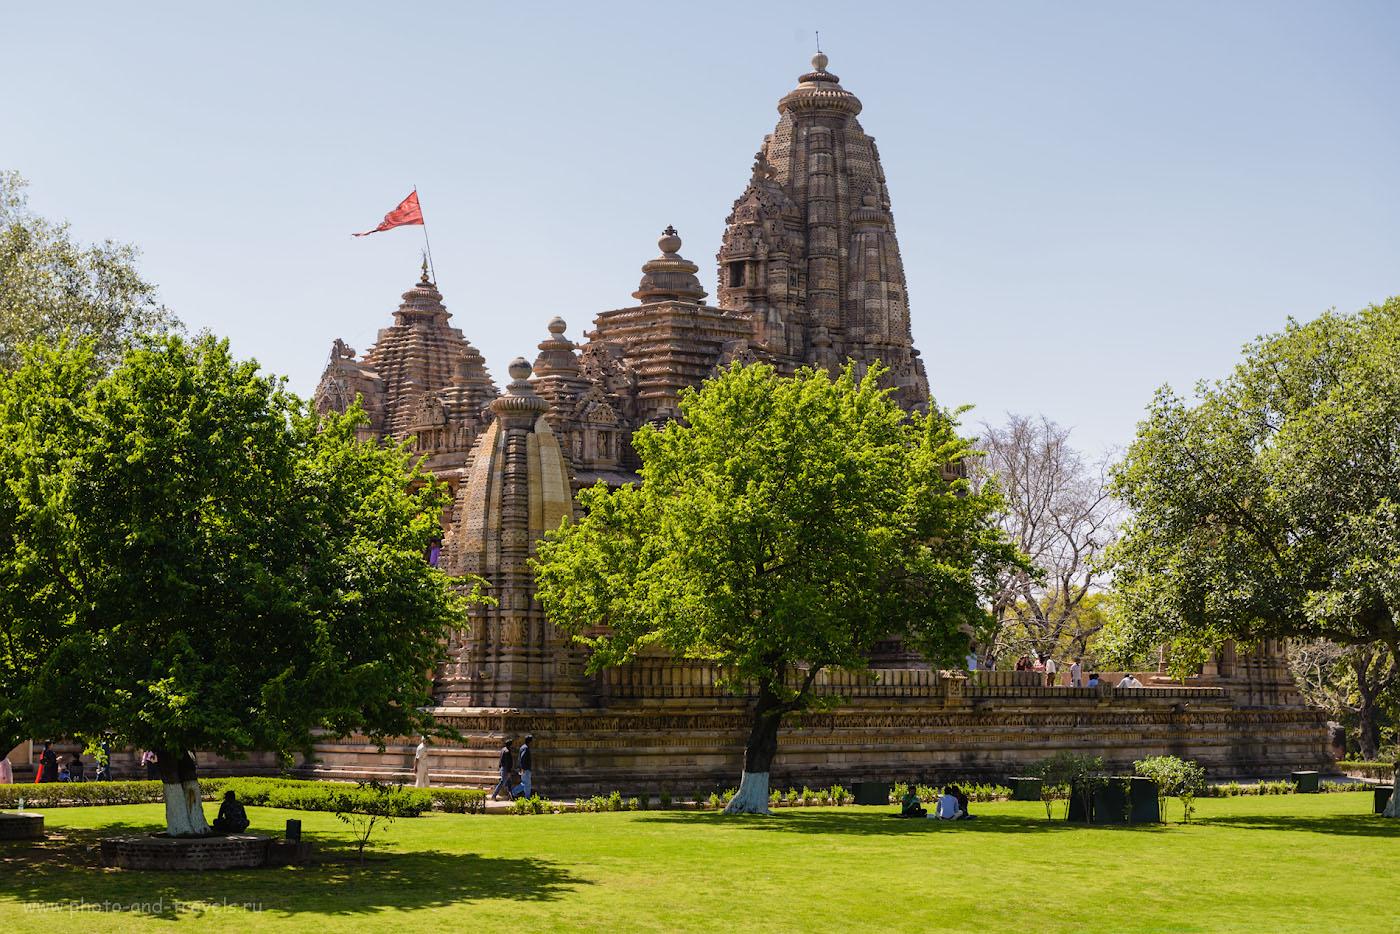 Фотография 2. Отзывы об экскурсиях к храмам Кхаджурахо. Самостоятельное путешествие по Индии зимой. 1/200, -1.0, 8.0, 100, 70.